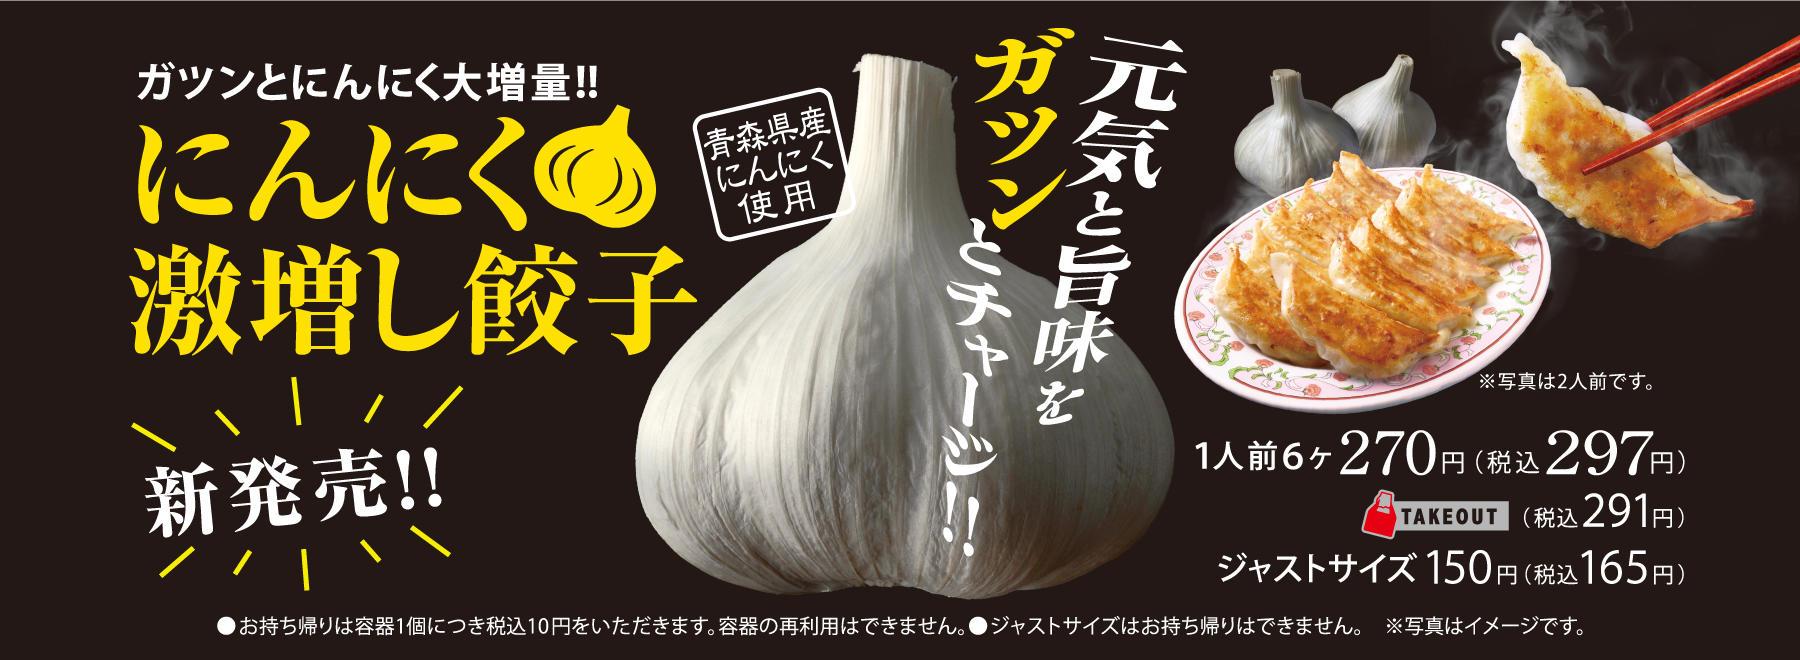 gekimashigyoza_info.jpg